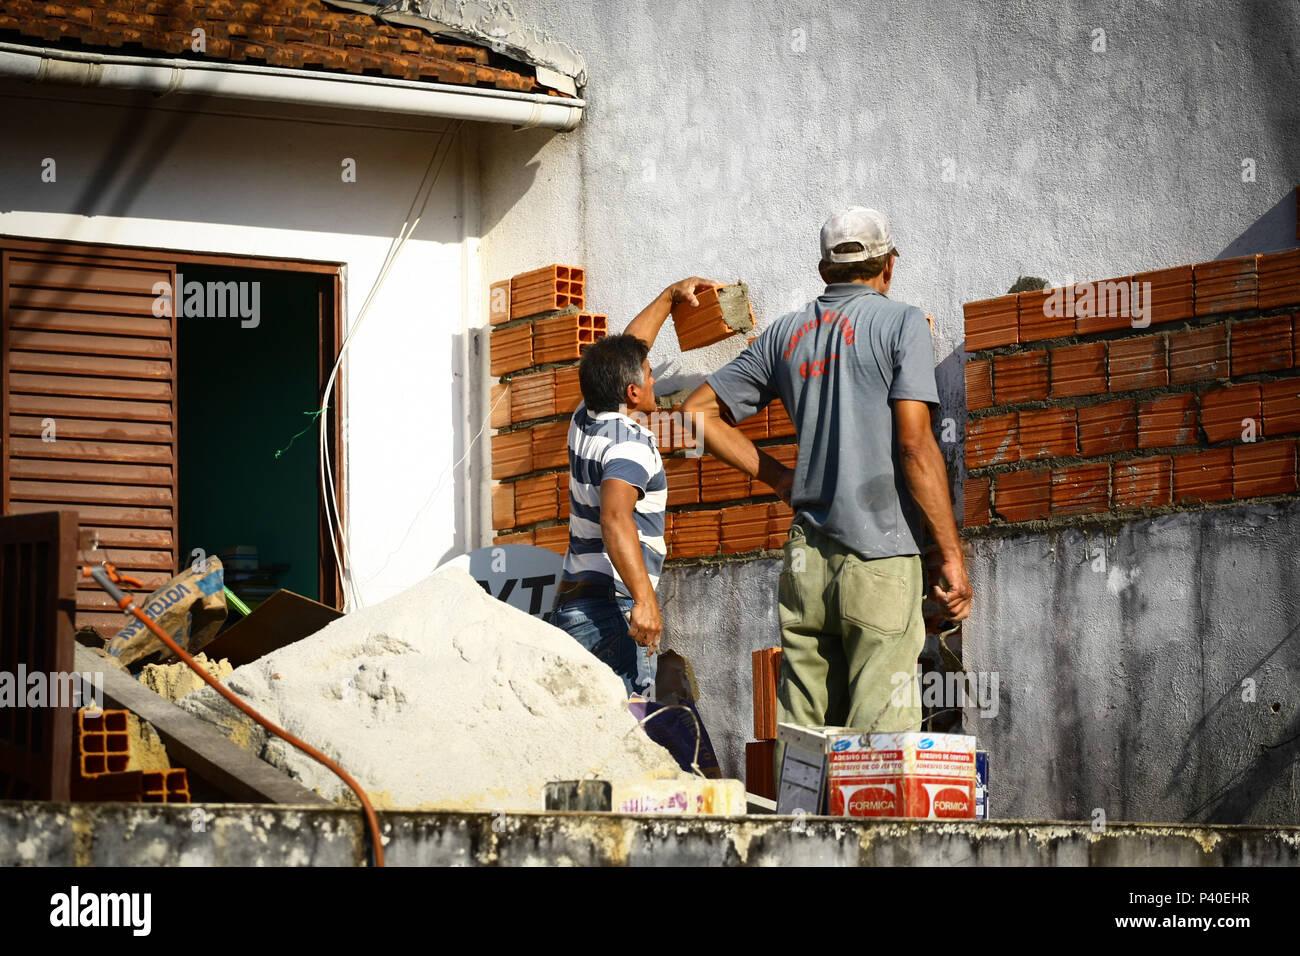 Pedreiros em construção levantando parede de tijolos. Foto Stock